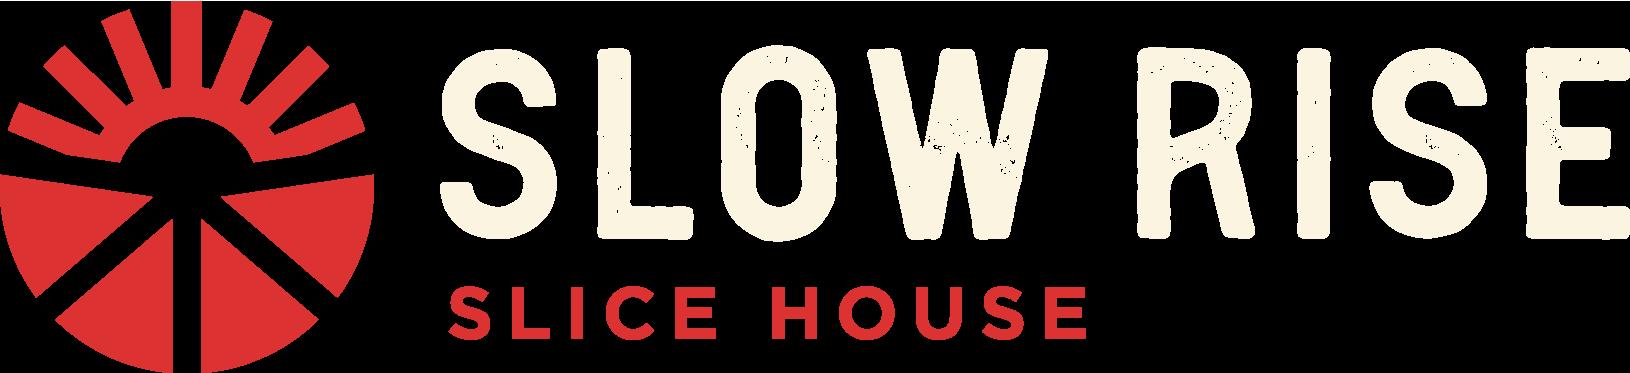 Slow Rise Slice House